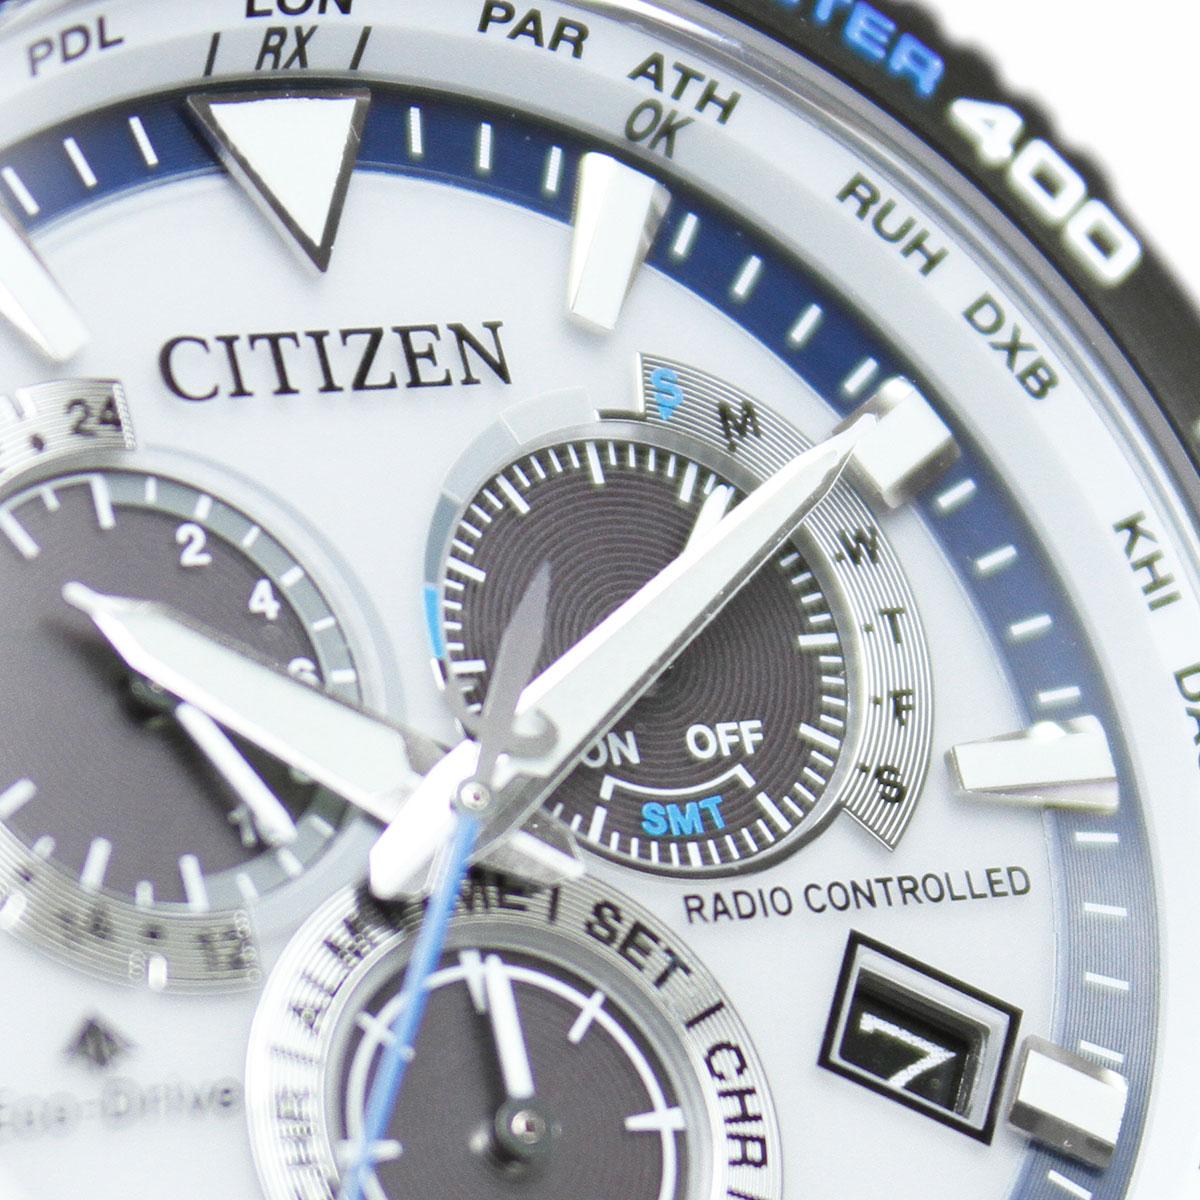 シチズン プロマスター エコドライブ 電波時計 腕時計 メンズ CITIZEN PROMASTER ランド LAND ダイレクトフライト CB5034-91A